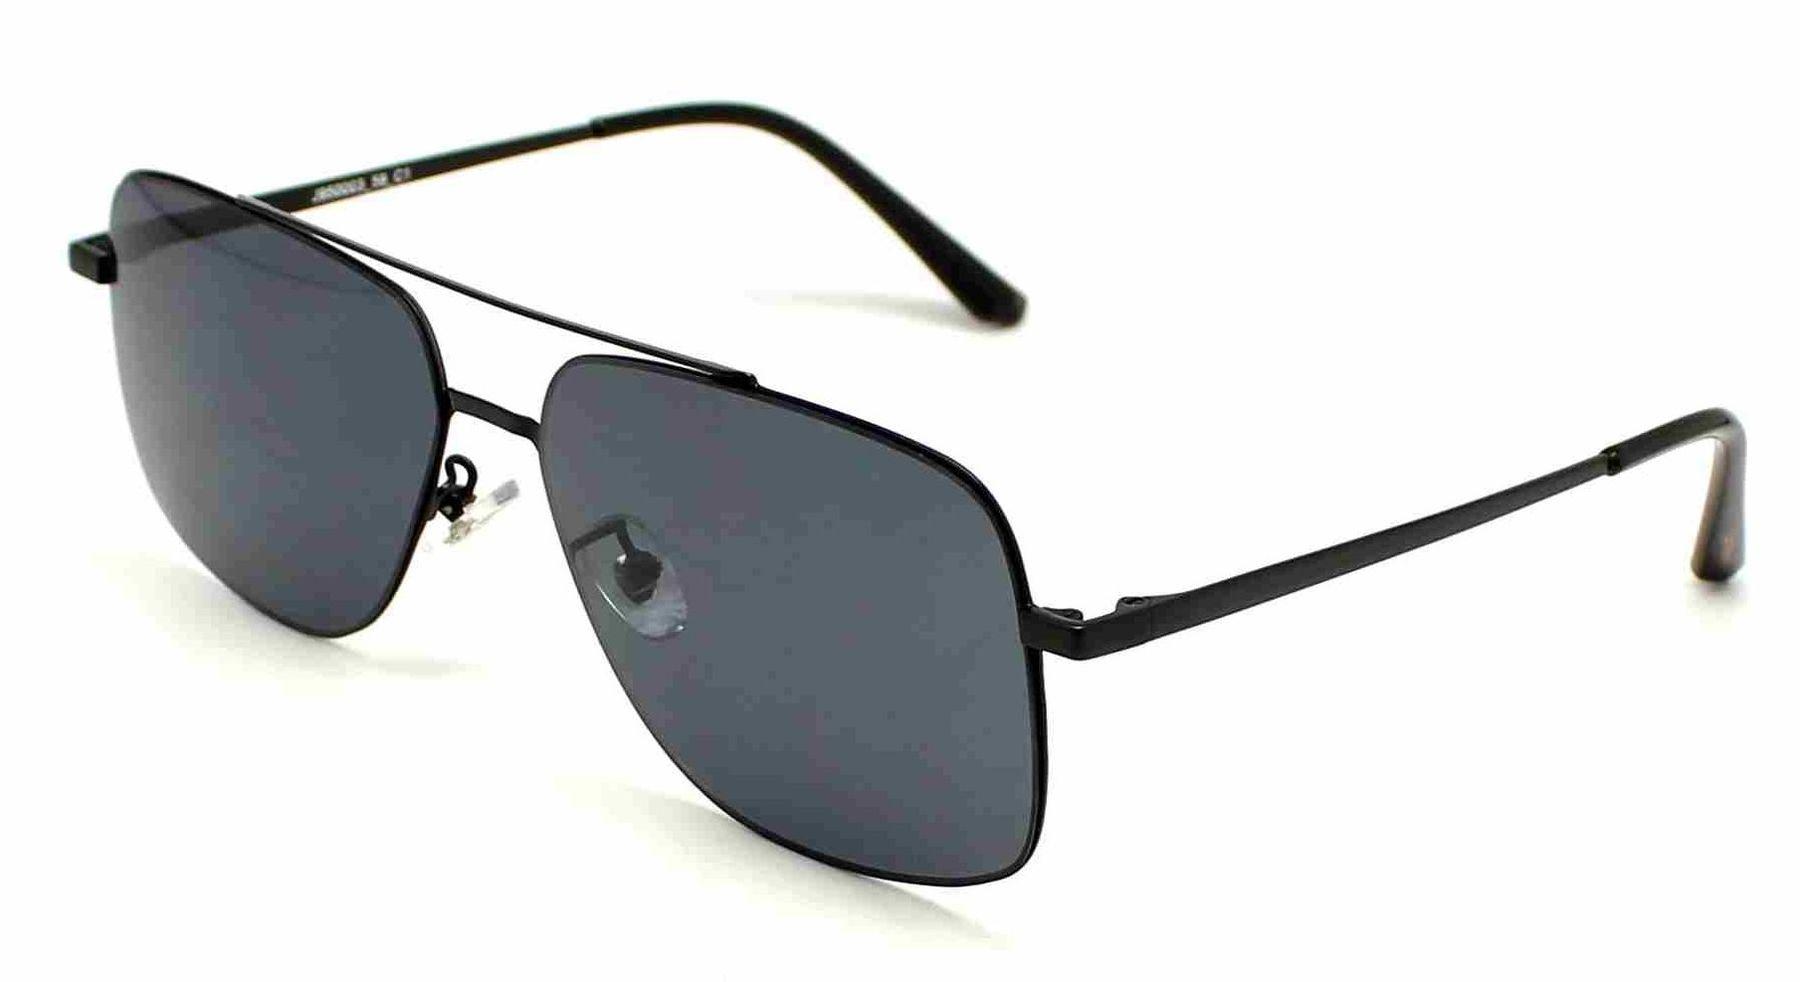 Tặng kính mát cho bạn trai